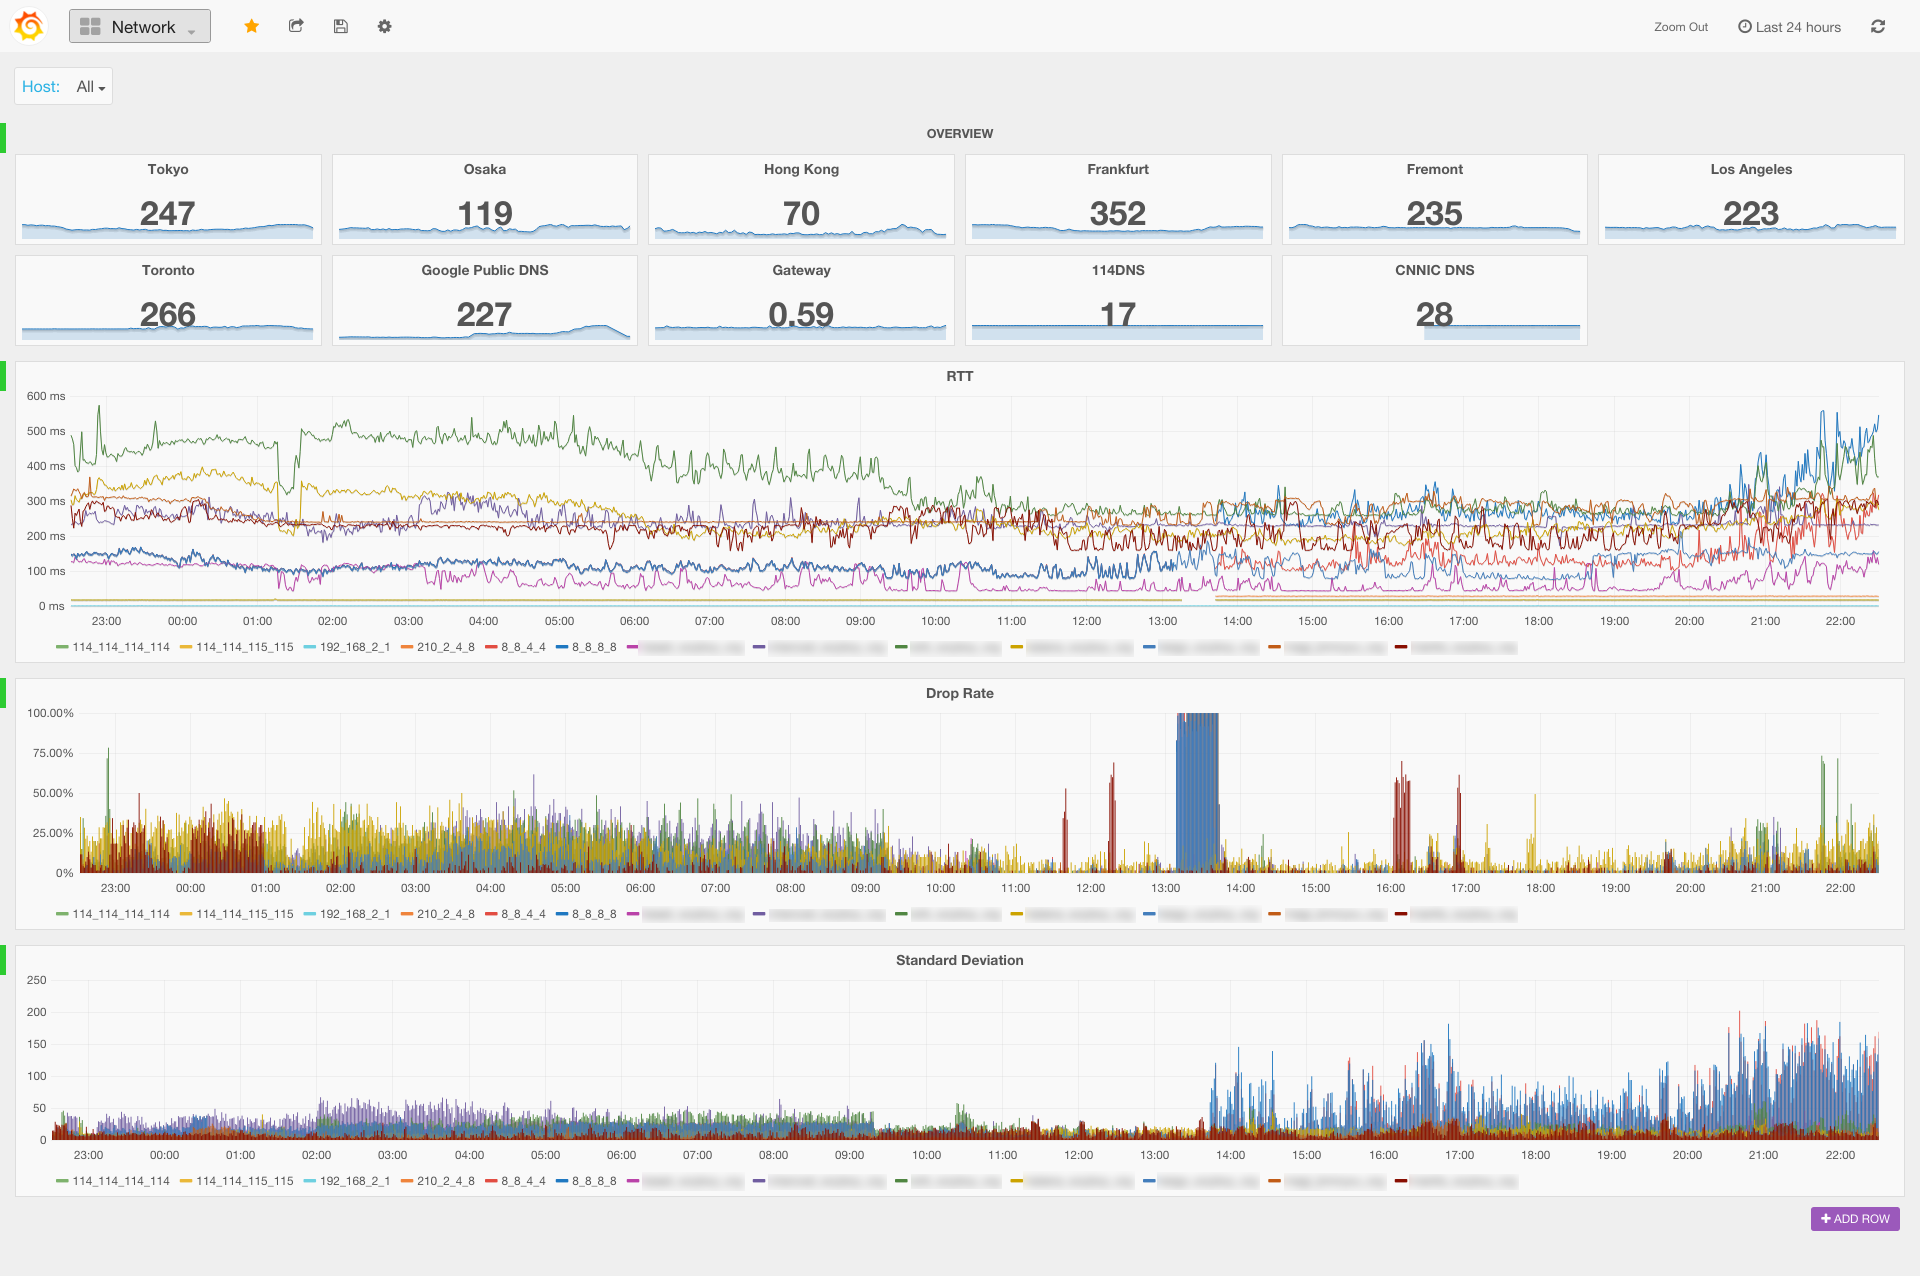 grafana-dashboard-network-fullscreen-20160319-2-blurred